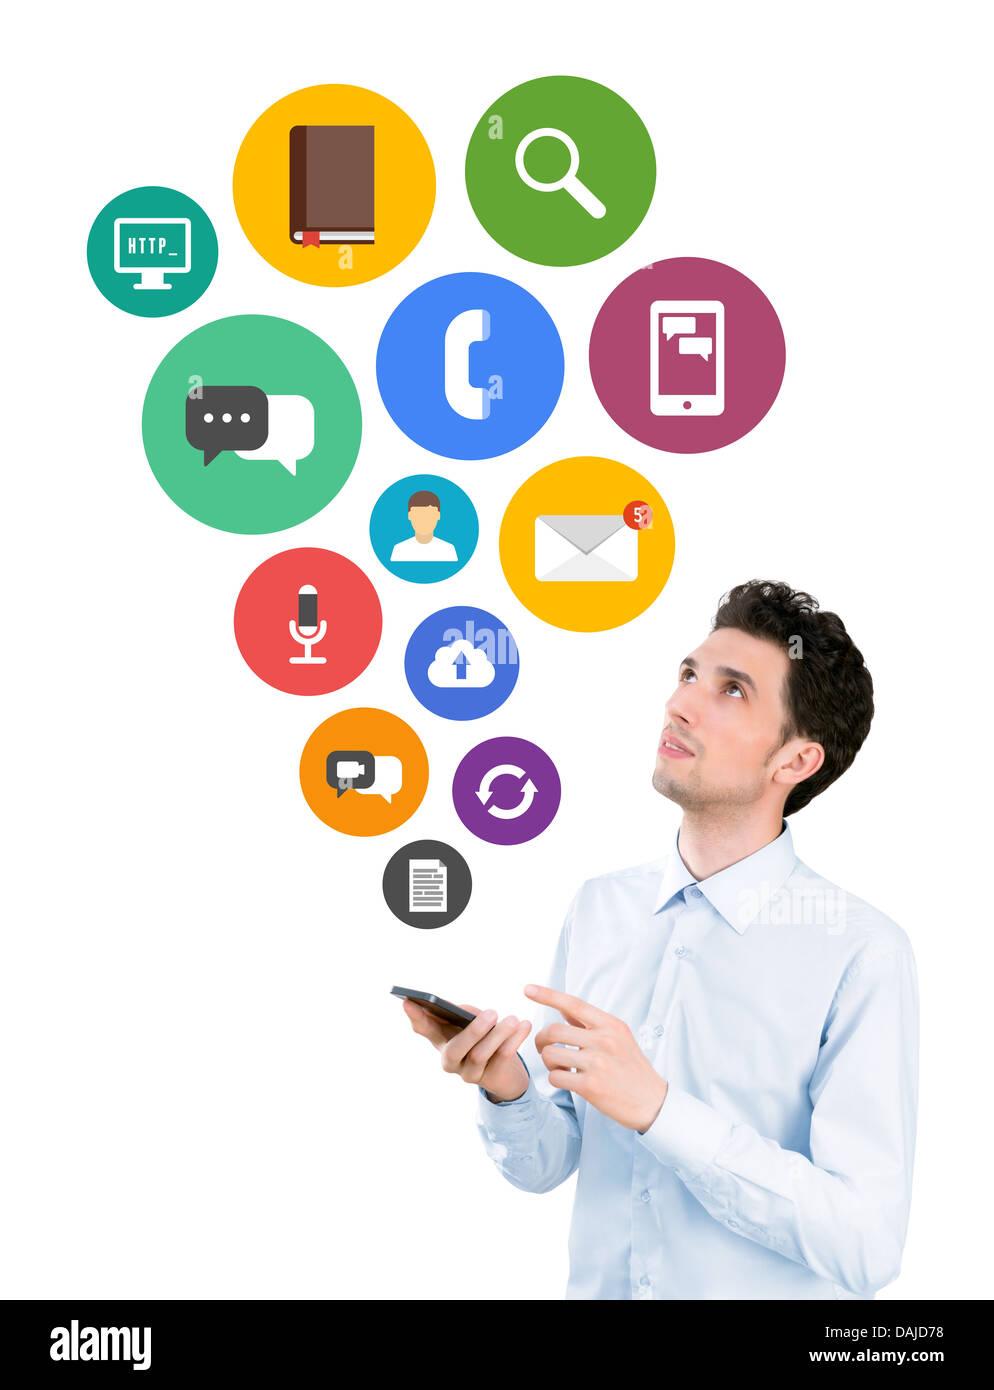 Mann hält Smartphone und blicken auf farbenfrohe mobile Programmsymbole auf Kommunikation und mobile Verbindung Stockbild